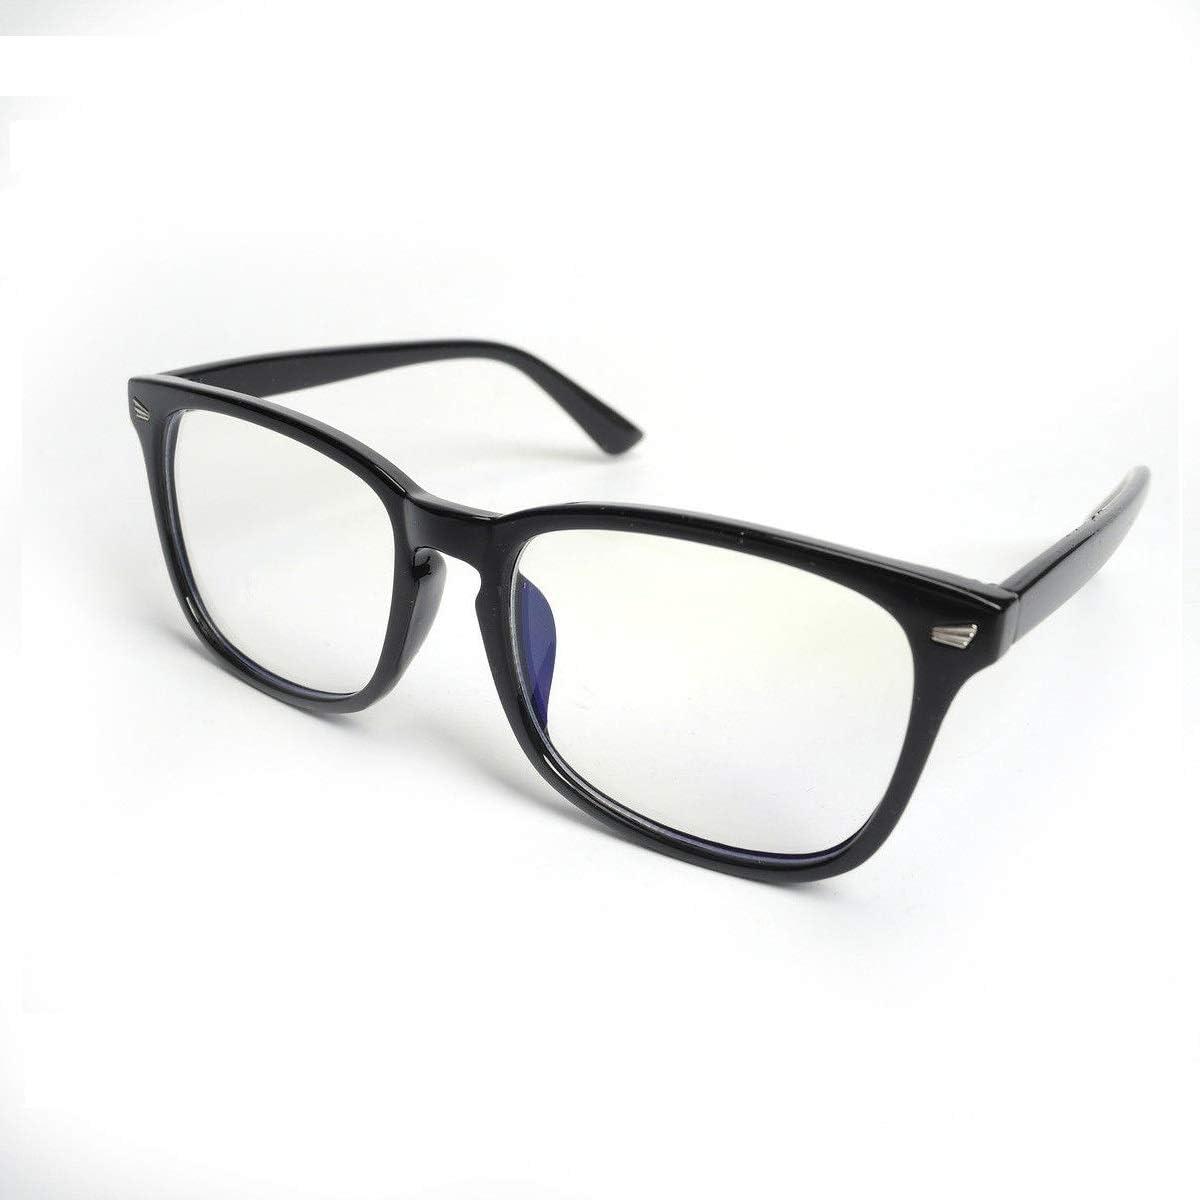 HOUSON - Gafas Protectoras para Ordenador (antideslumbramiento, antirreflectantes, antifatiga, Bloqueo, protección contra el Dolor de Cabeza, Lentes Amarillas) Transparent Linse